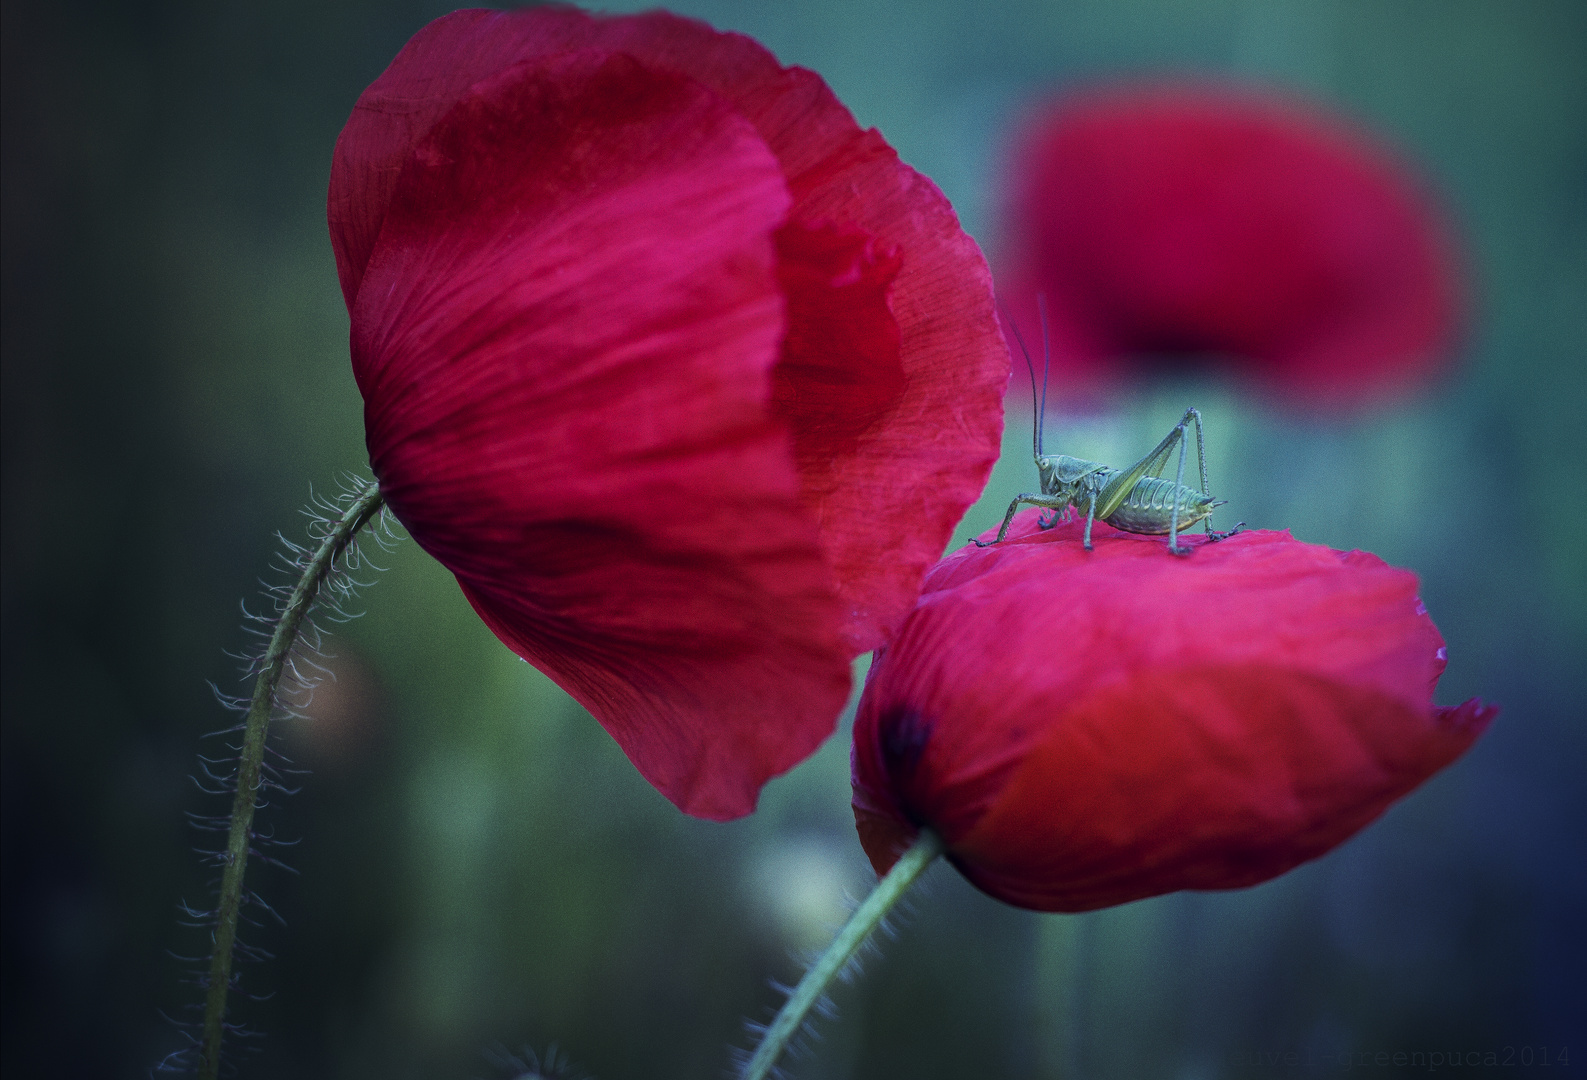 *break on the Poppy flower*